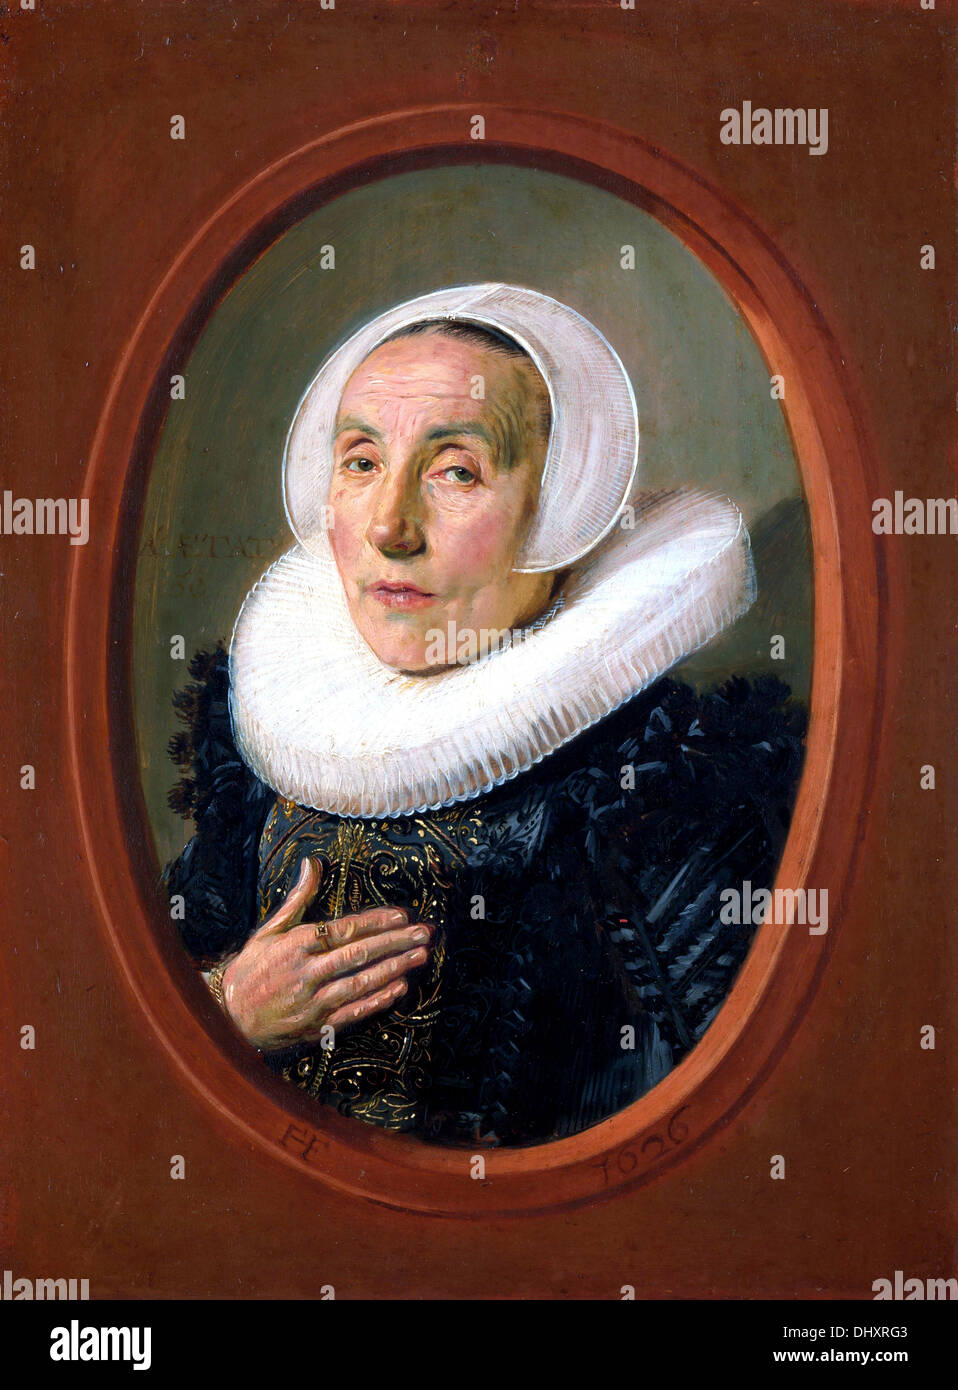 Anna van der Aar - by Frans Hals, 1626 - Stock Image